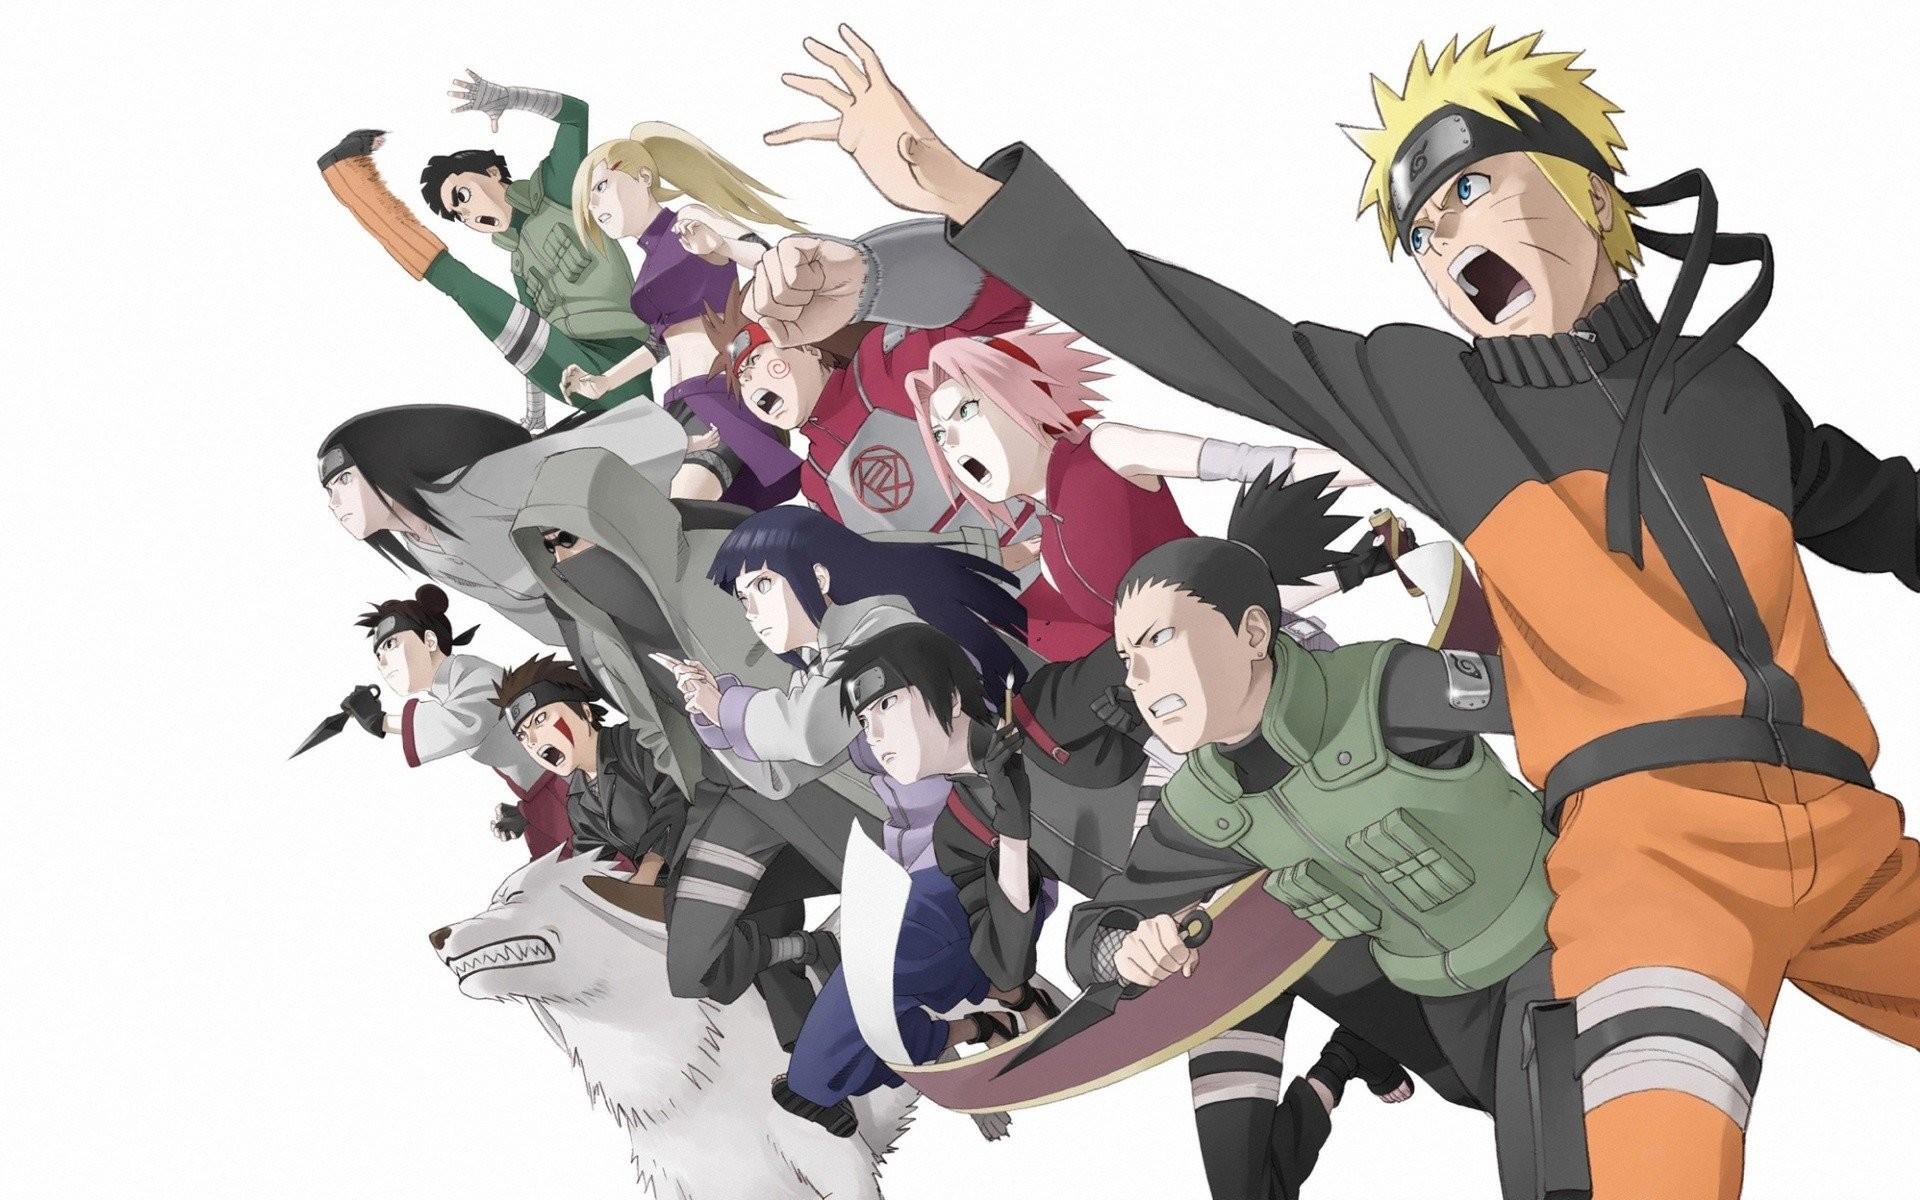 Ninjas Haruno Sakura Naruto: Shippuden Shikamaru Nara Hyuuga Hinata anime Rock  Lee Hyuuga Neji Choji Akimichi TenTen Sai Uzumaki Naruto Akamaru white …